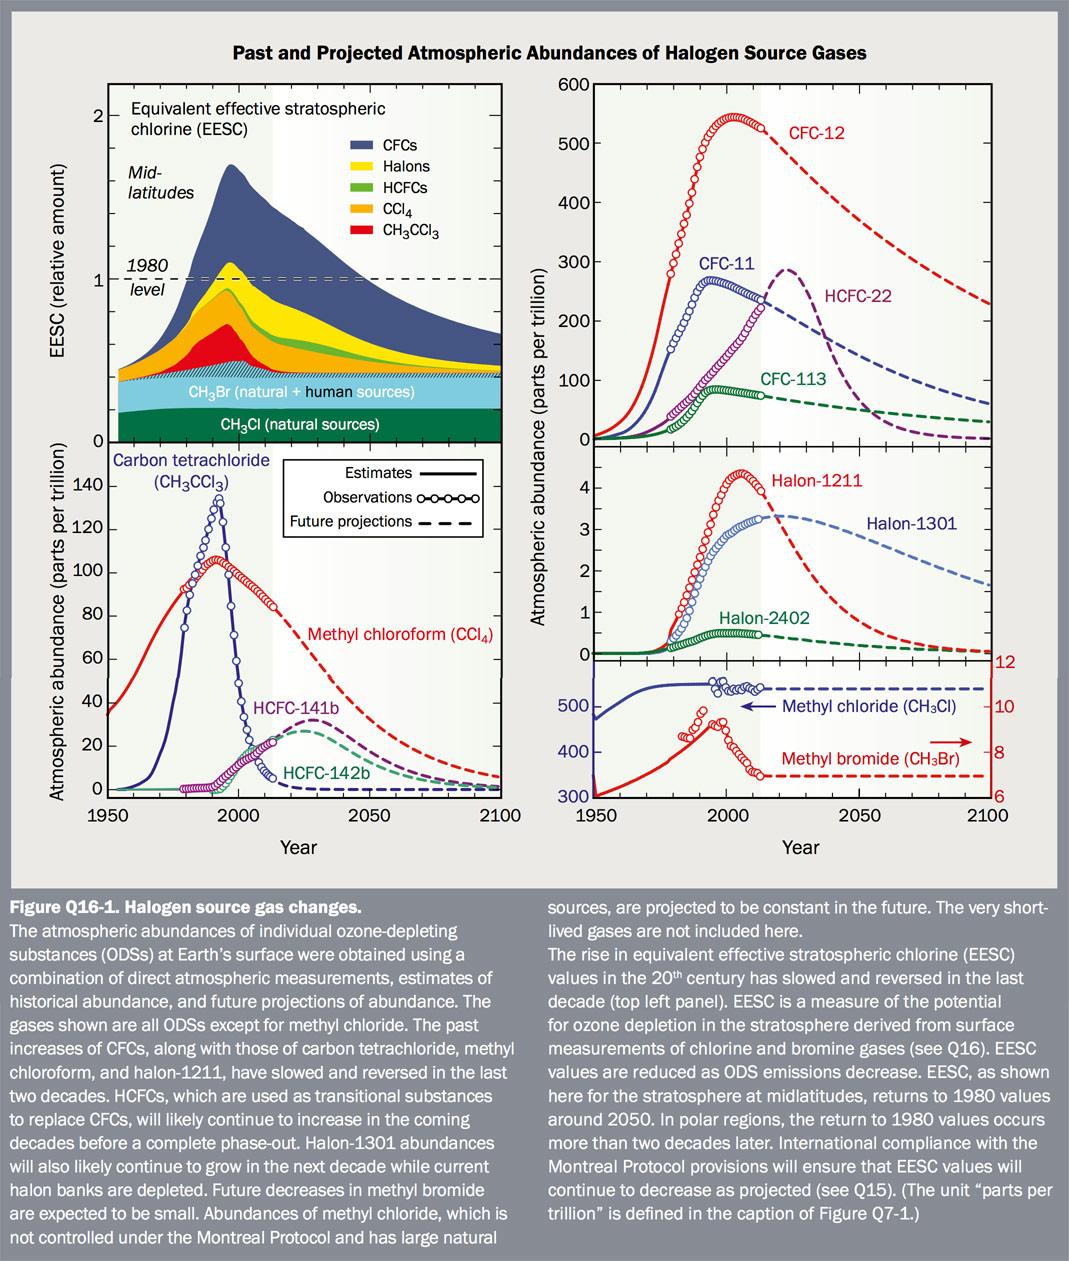 Figure Q16-1 Halogen source gas changes